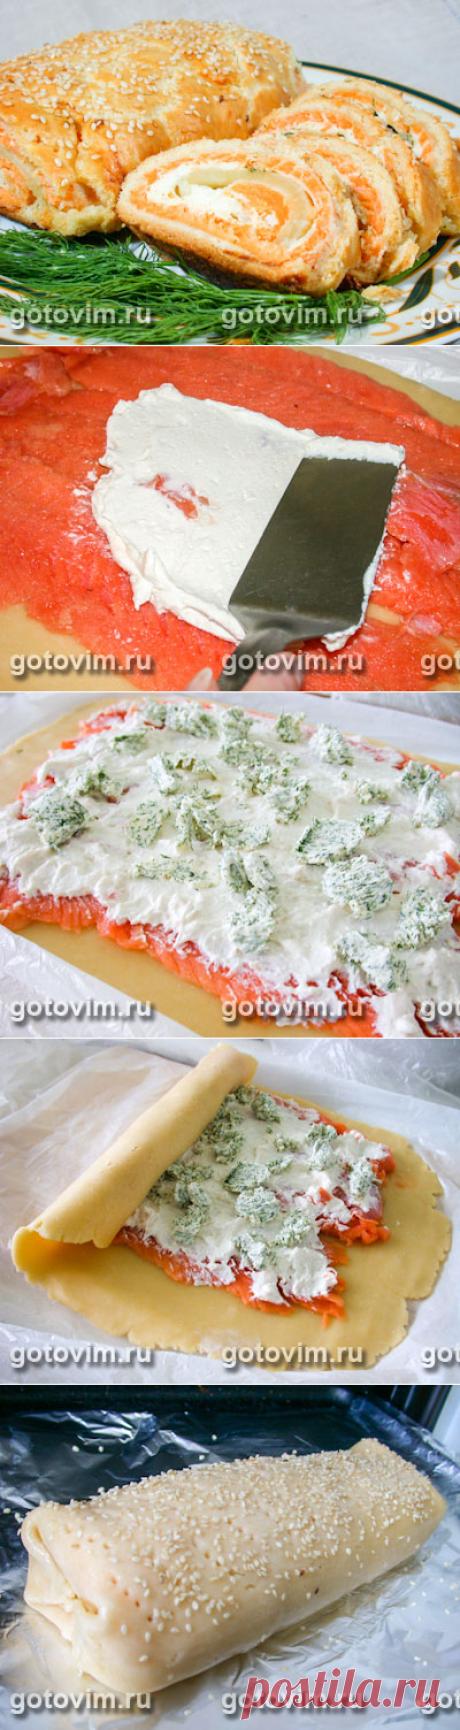 El pastel-panecillo con el pez. La Foto-receta \/ Готовим.РУ